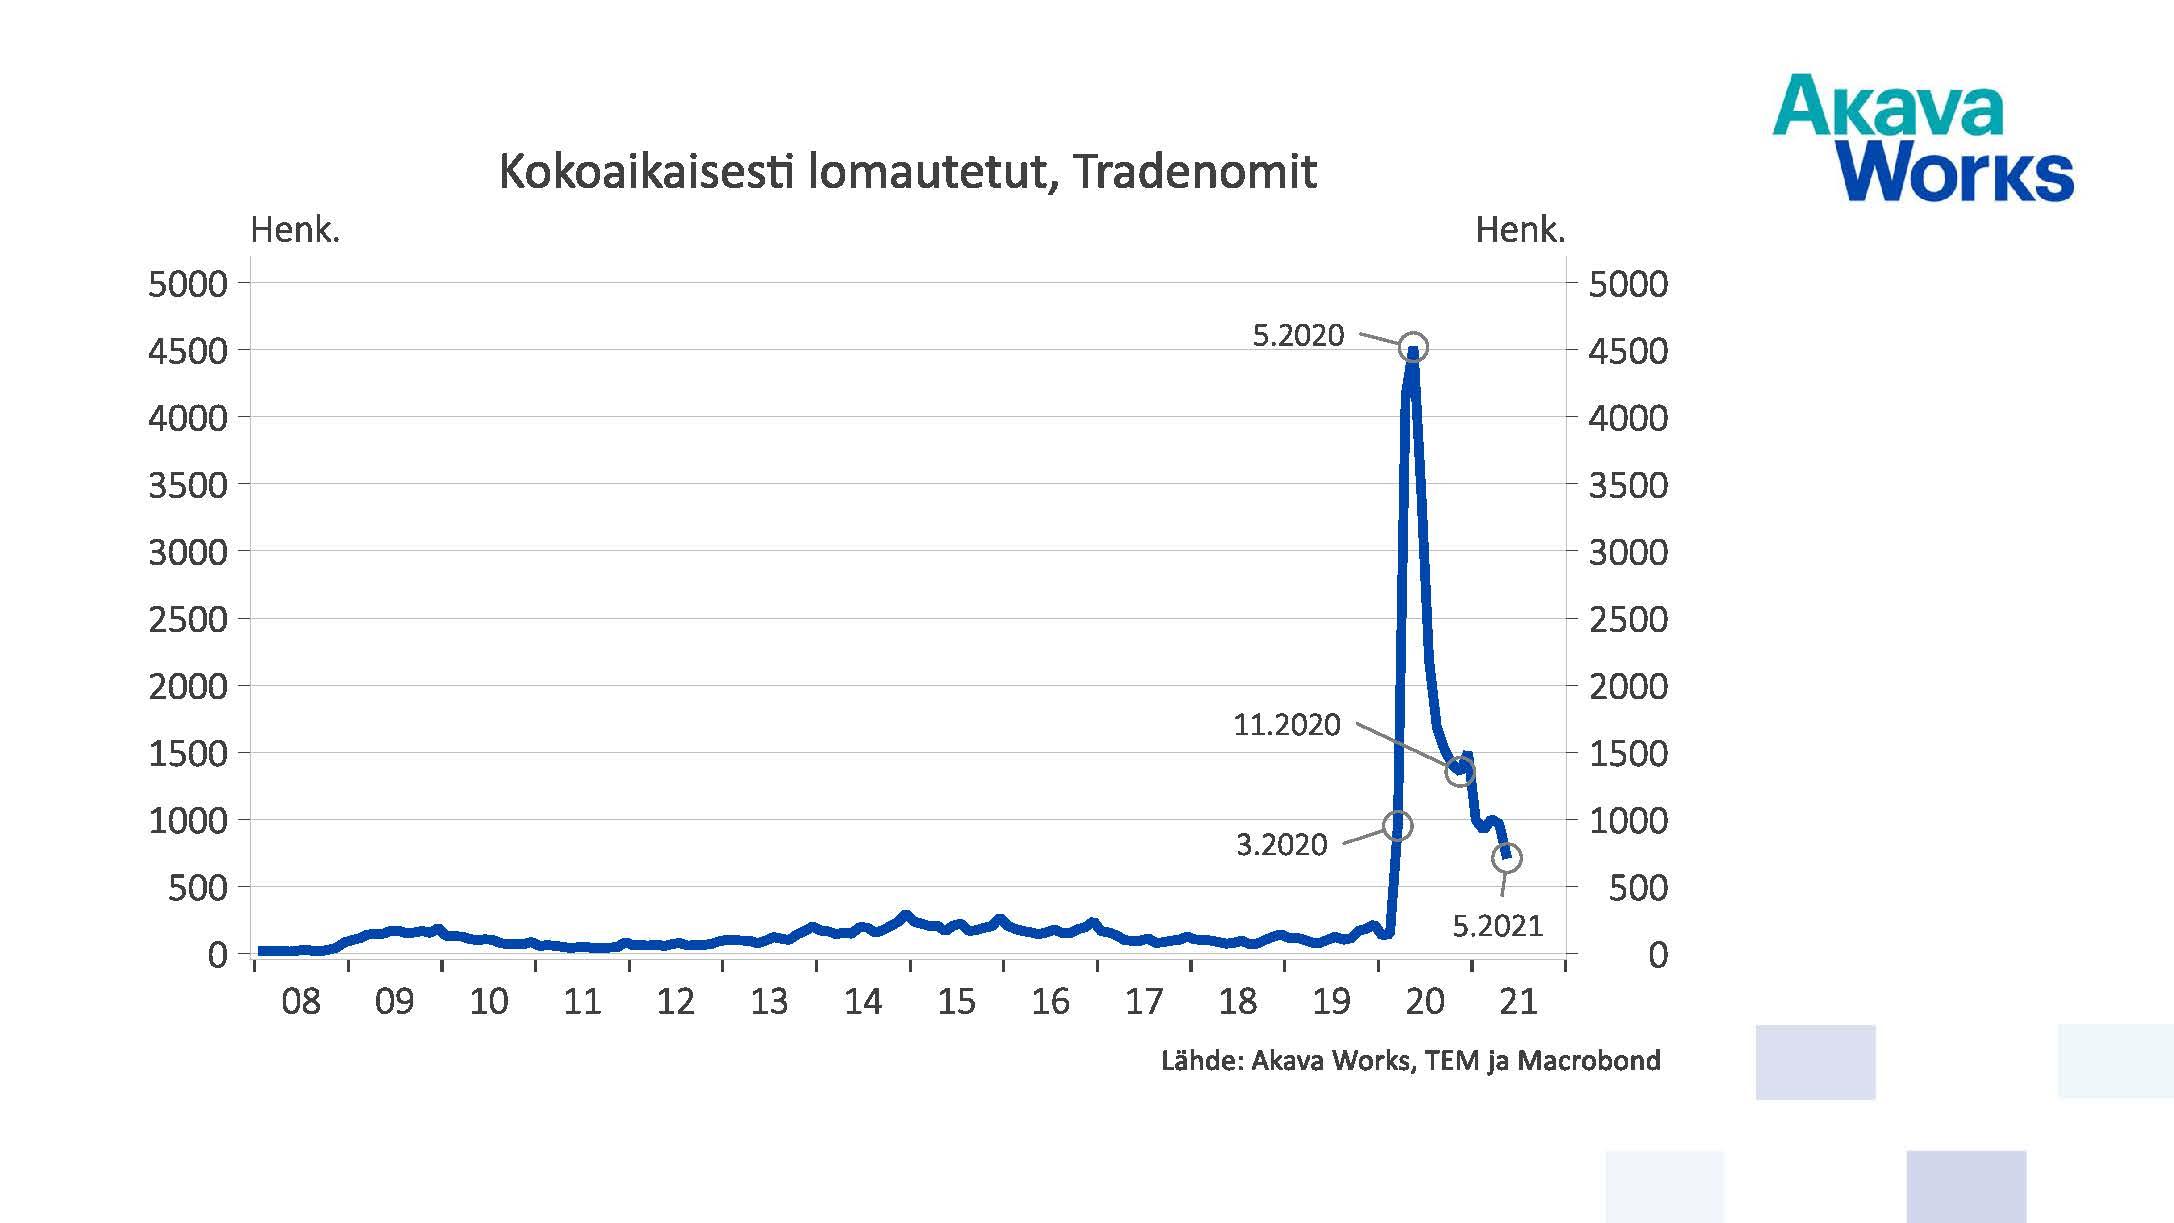 Kokoaikaisesti lomautetut tradenomit 01/2008 - 05/2021